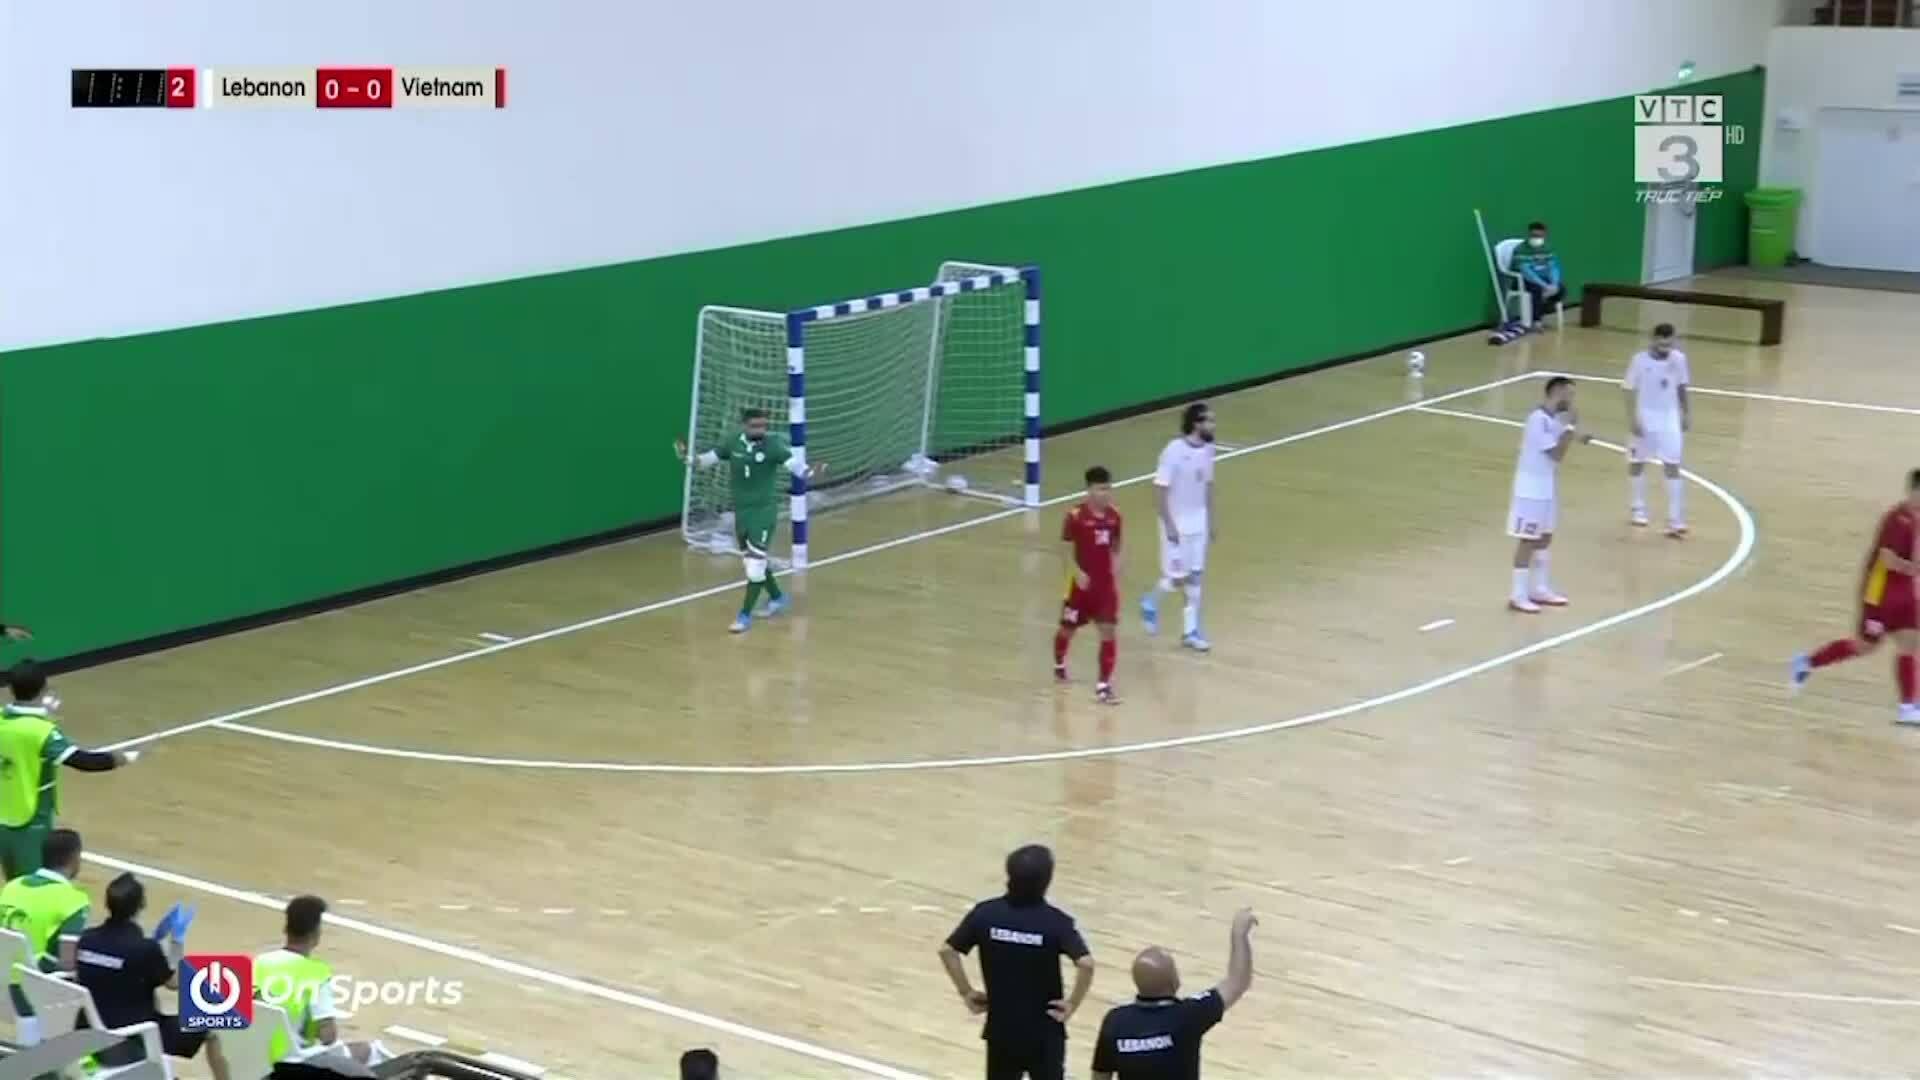 Vietnam 0-0 Lebanon